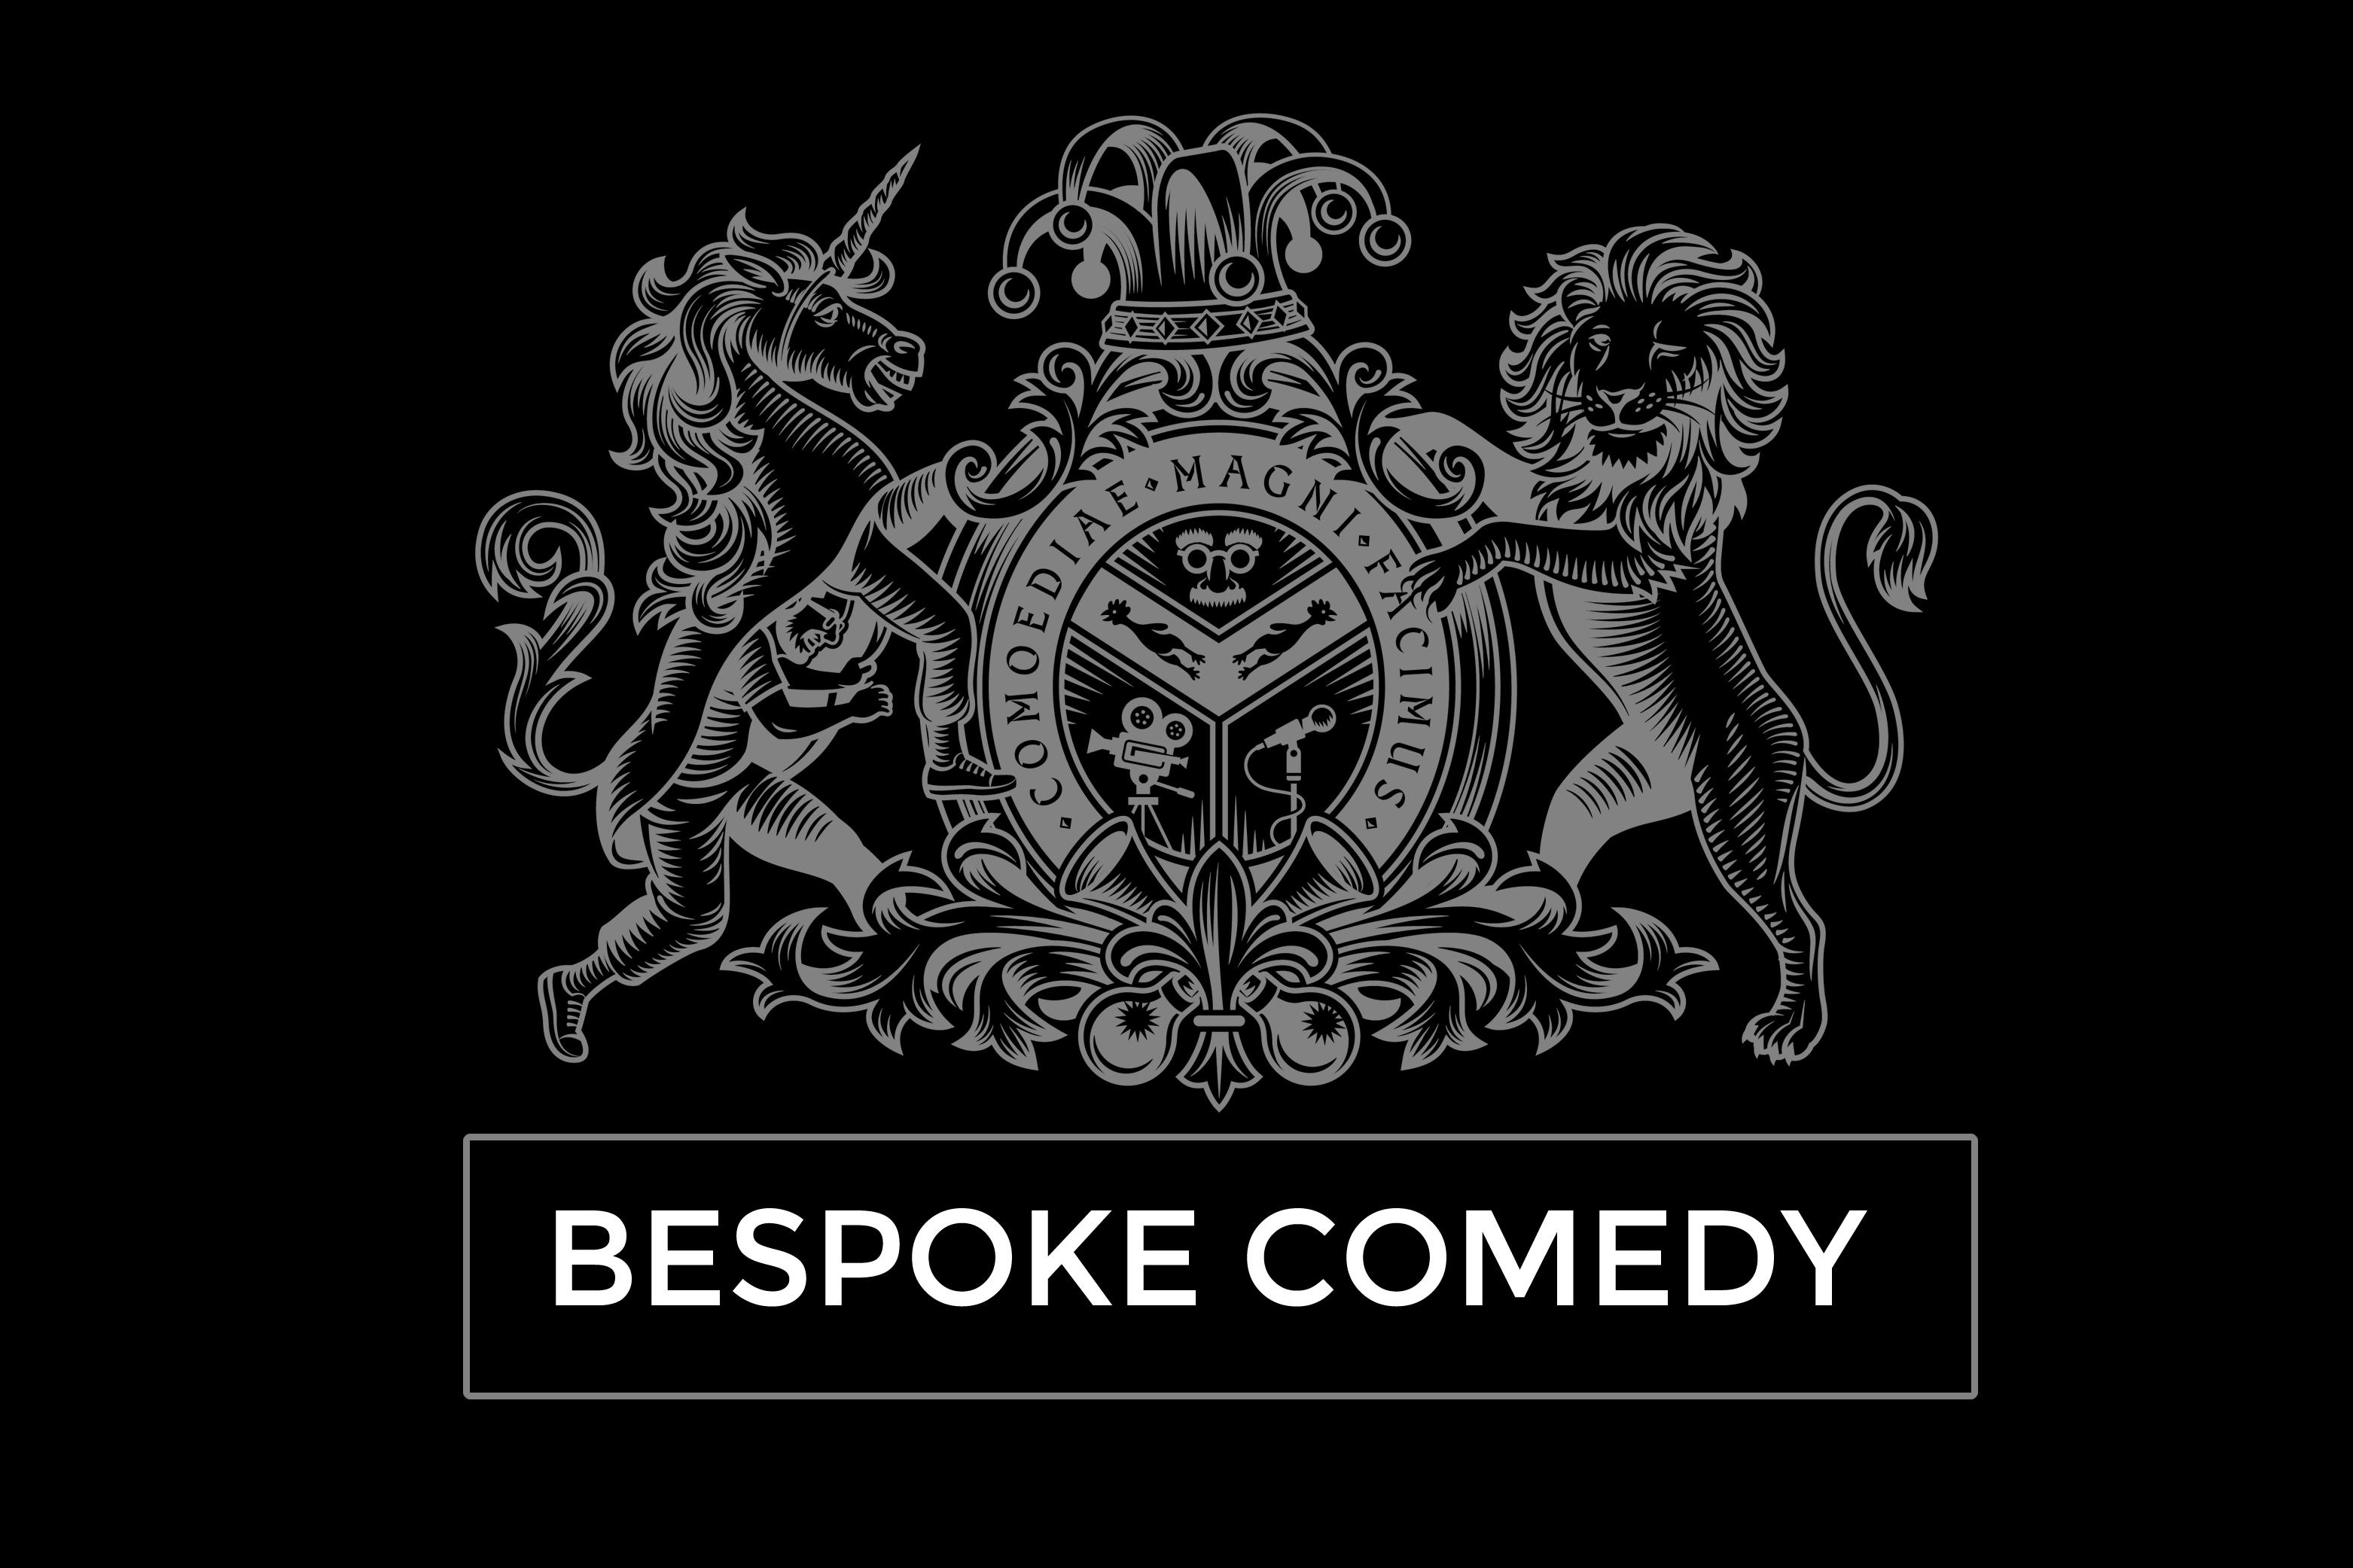 backdrop-image Bespoke Comedy Entertainment